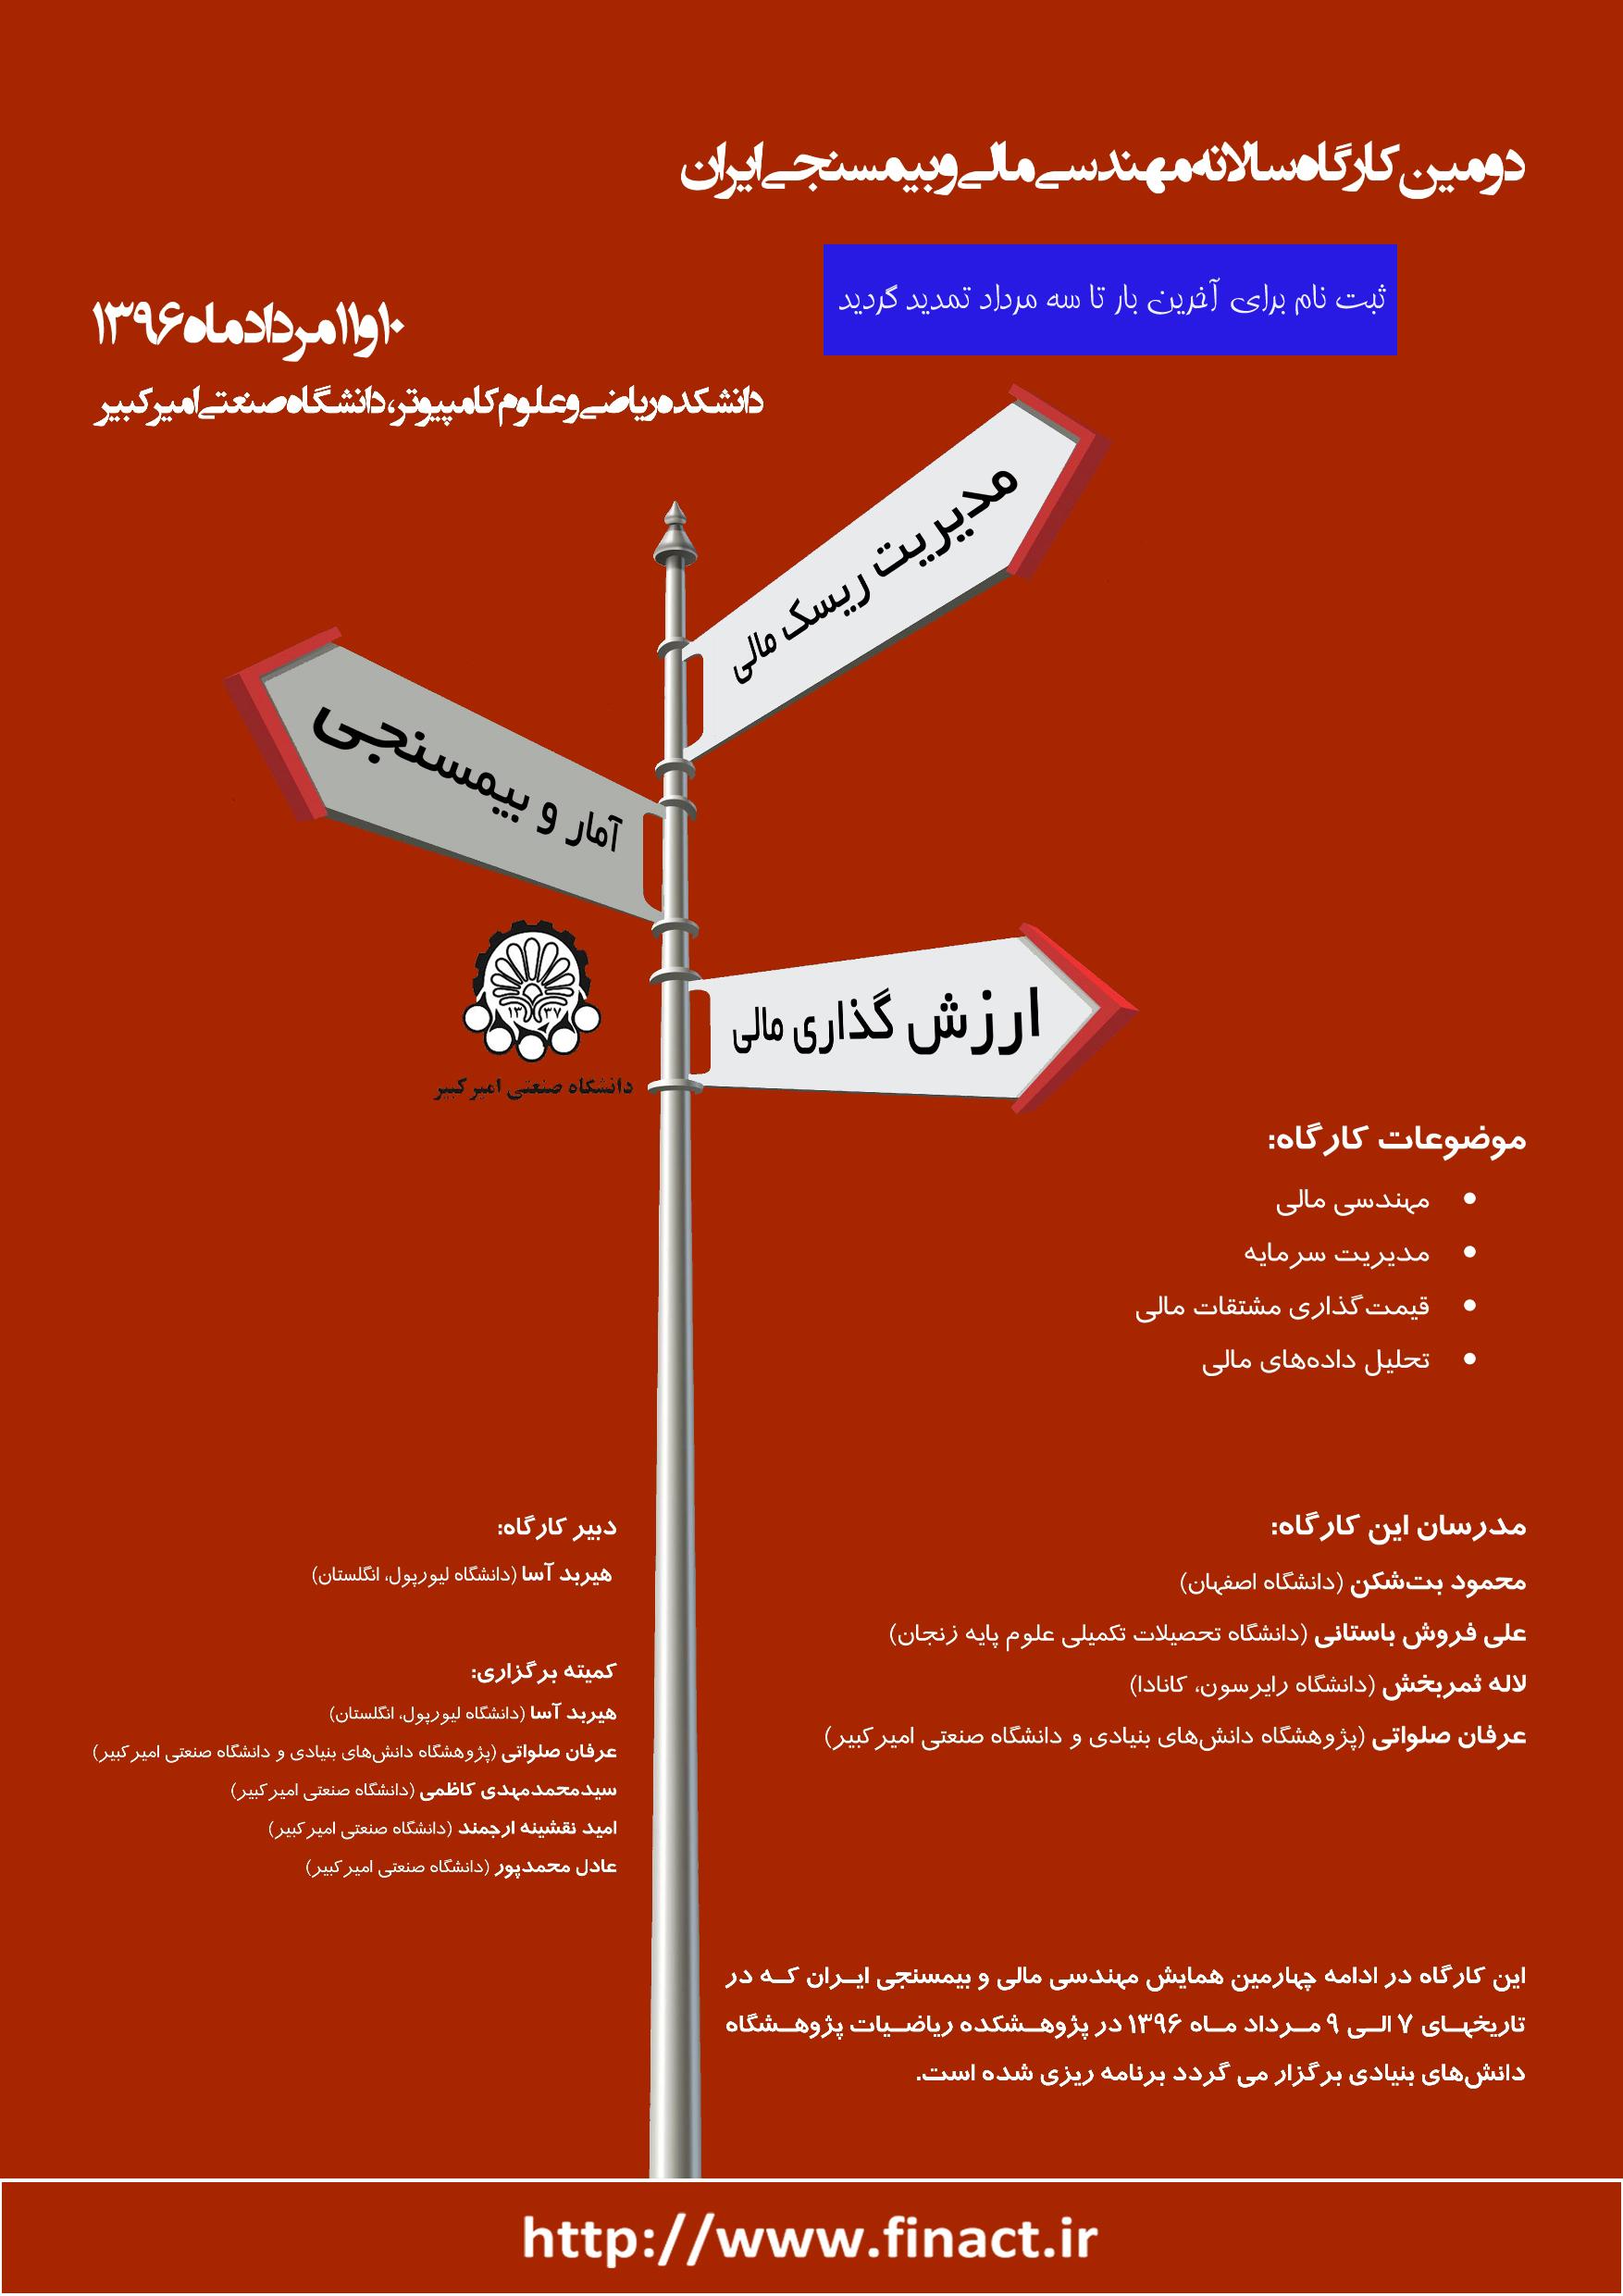 دومین کارگاه سالانه مهندسی مالی و بیمسنجی ایران